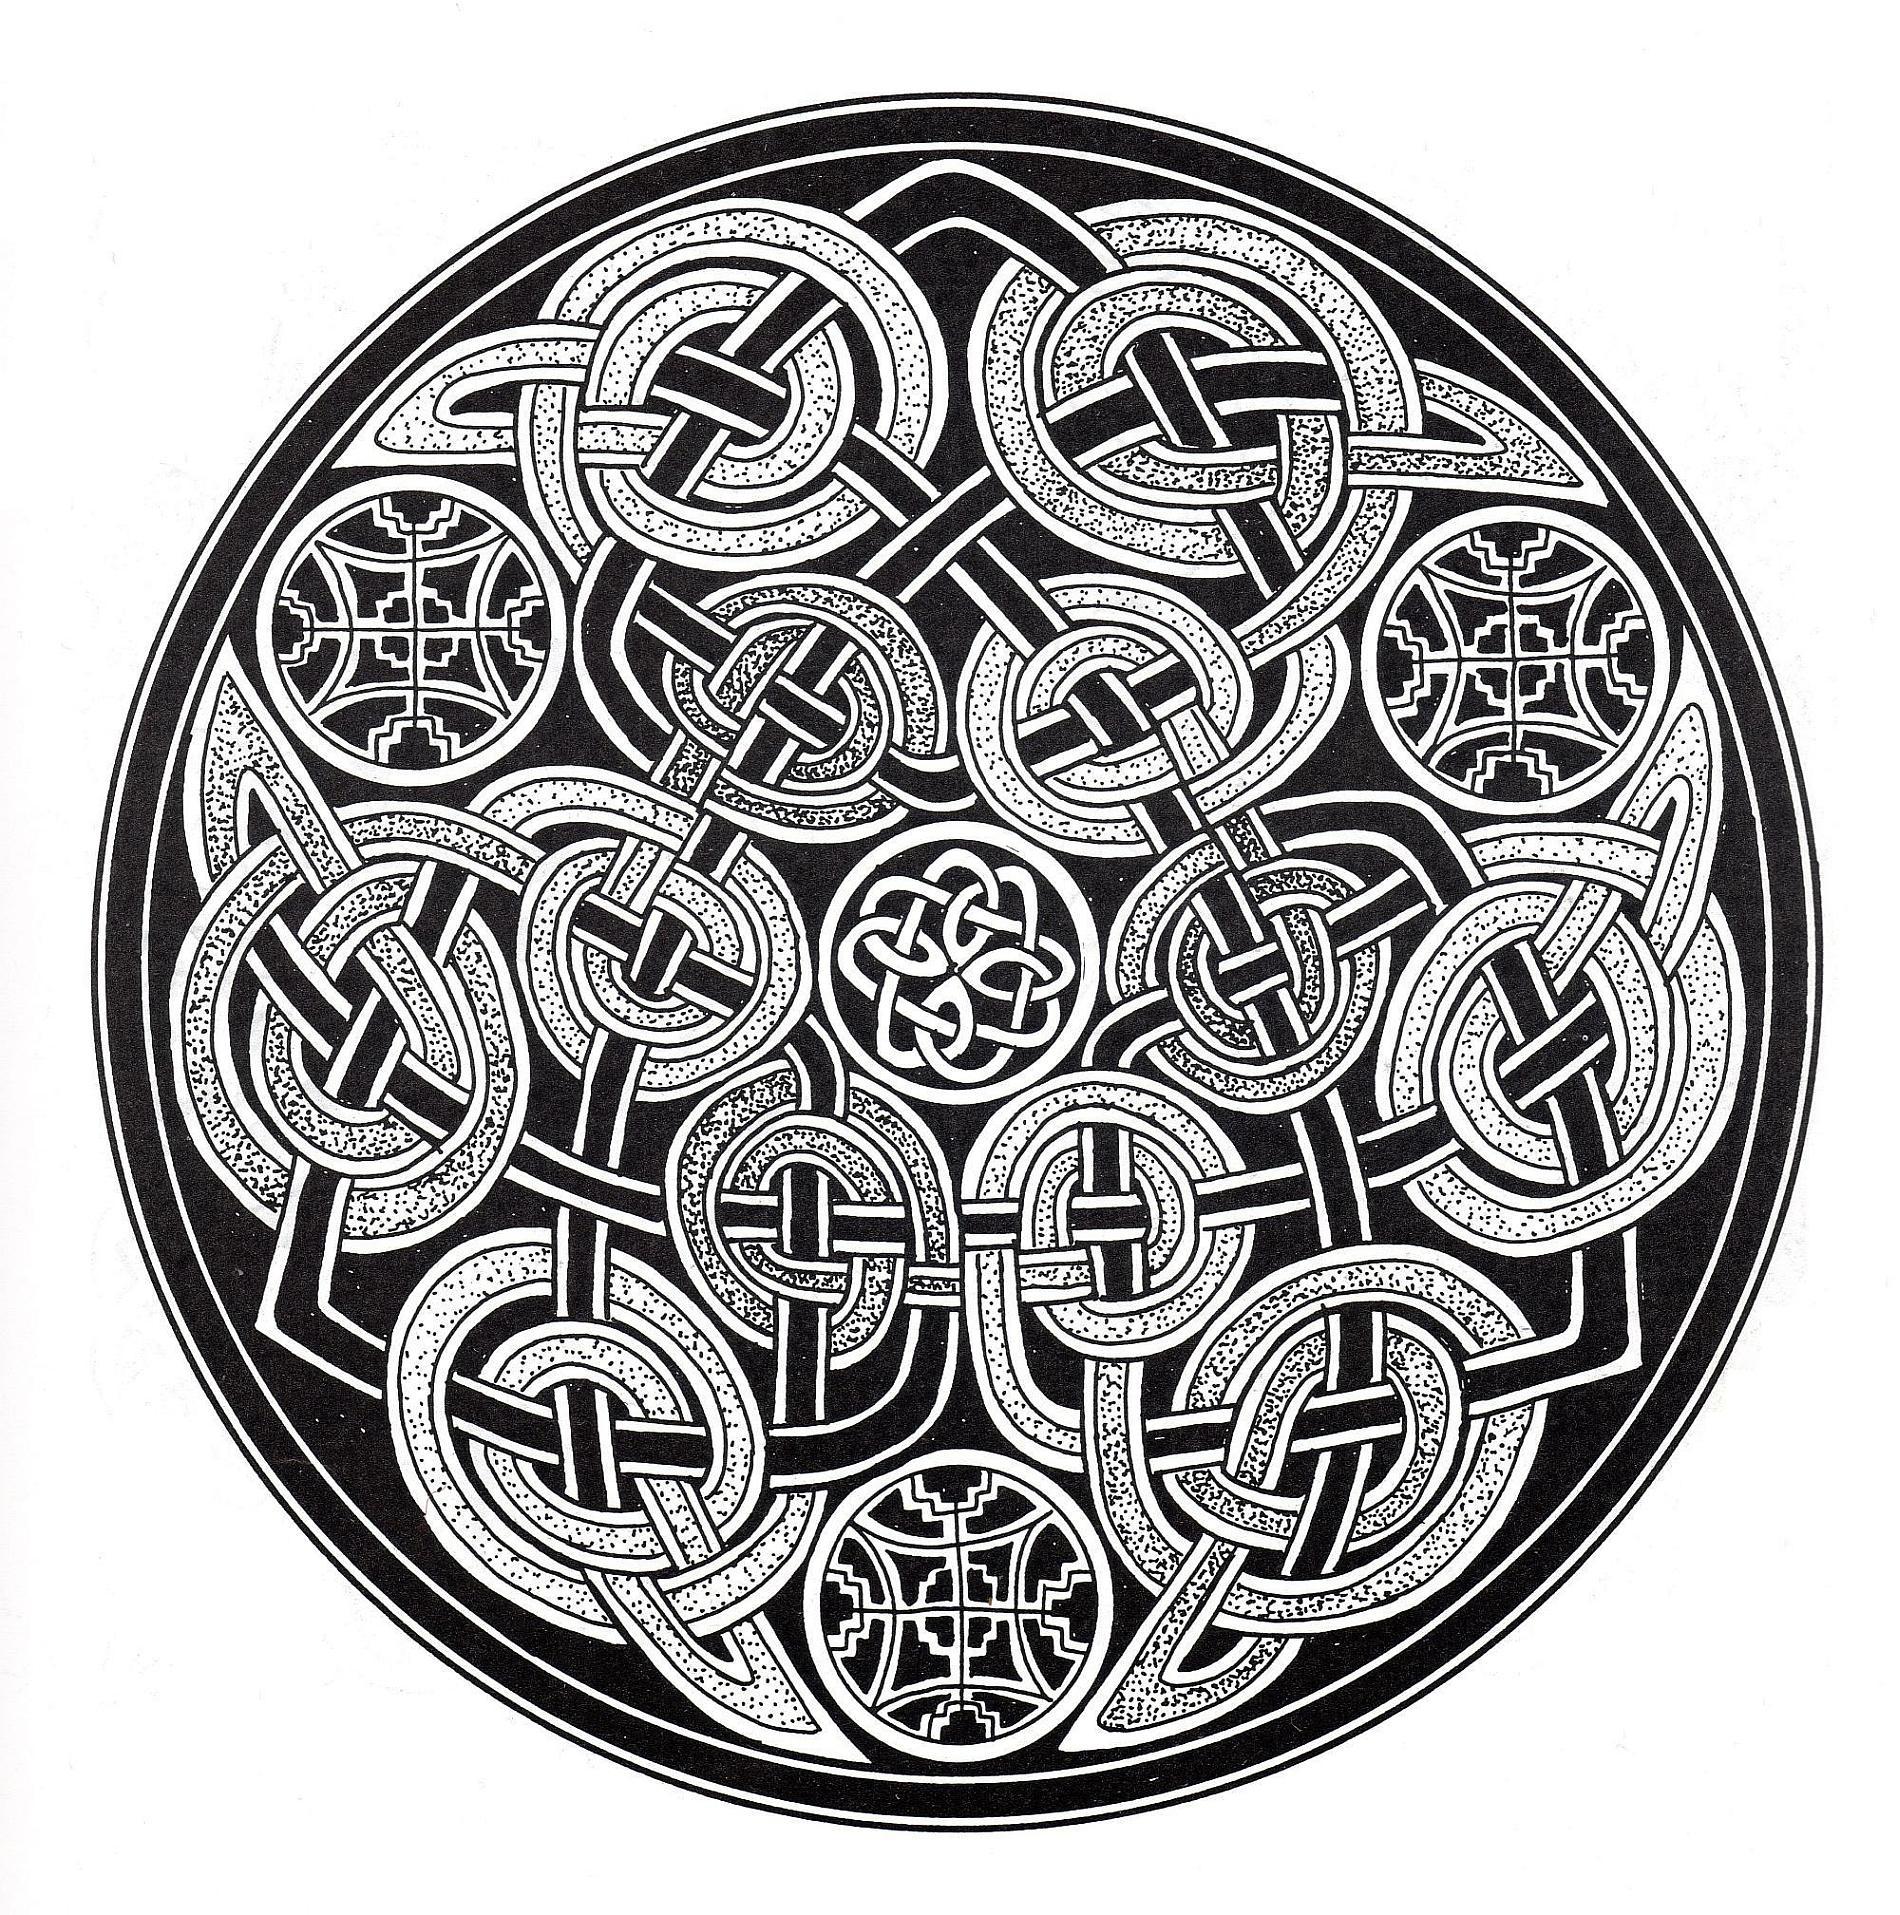 Art celtique : éléments entrelacés dans un dessin circulaire sombre